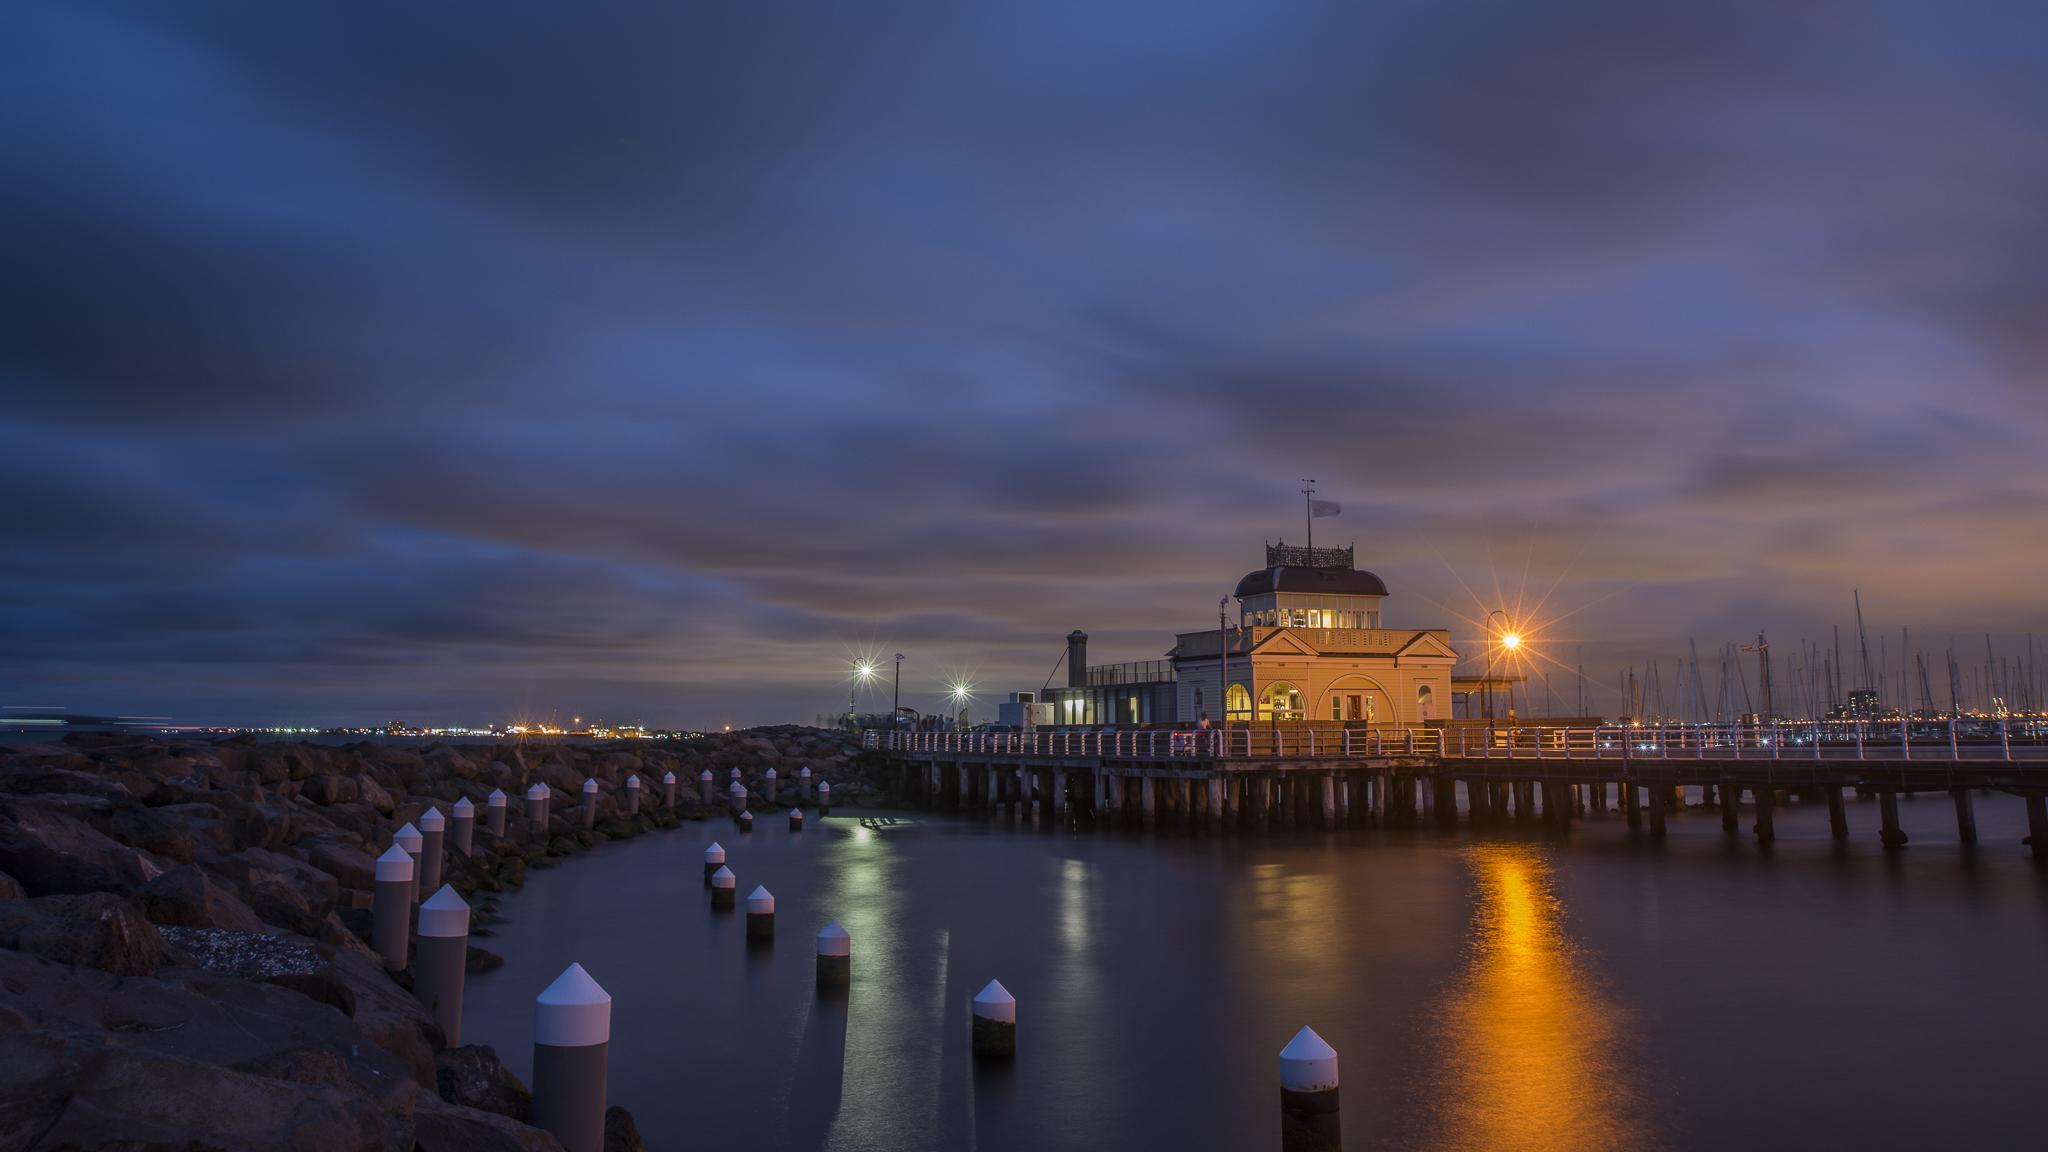 St.Kilda Pier, Australia